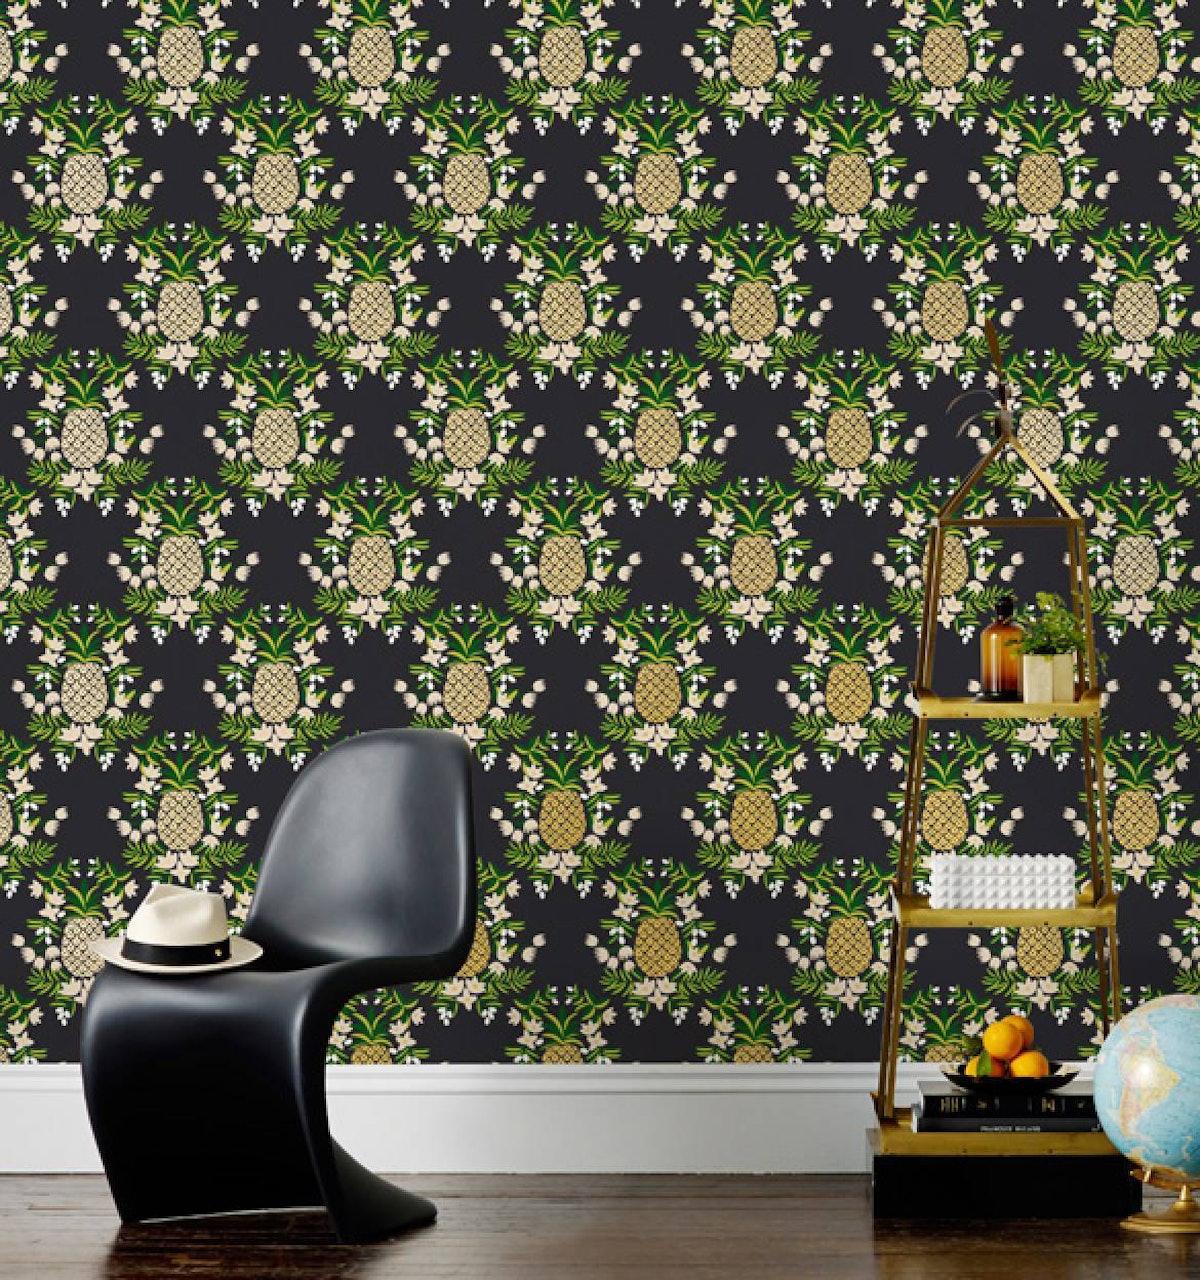 Pineapple (Ebony) Wallpaper (30 foot roll)